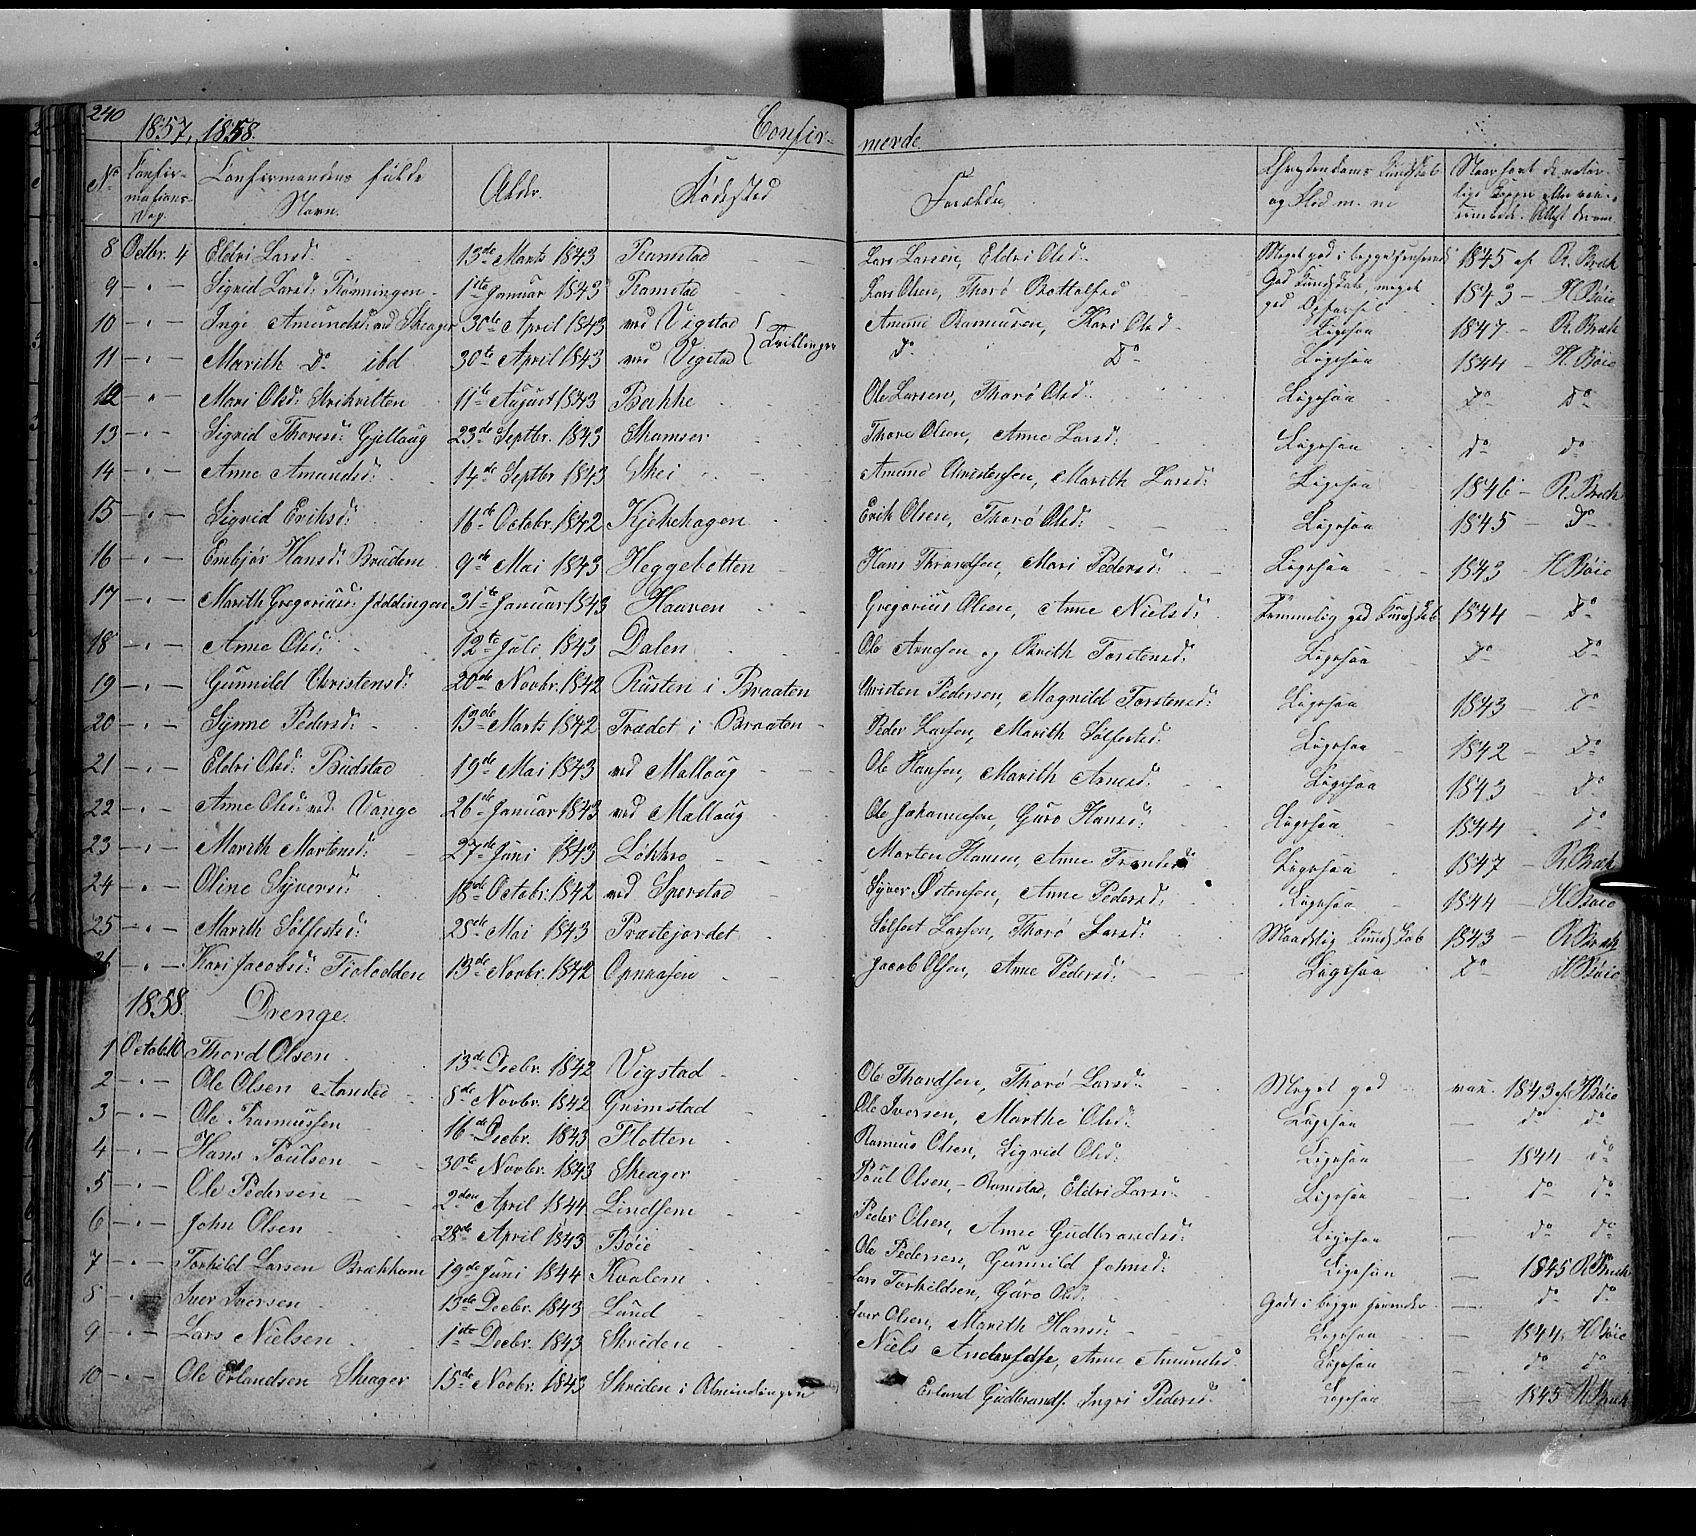 SAH, Lom prestekontor, L/L0004: Klokkerbok nr. 4, 1845-1864, s. 240-241